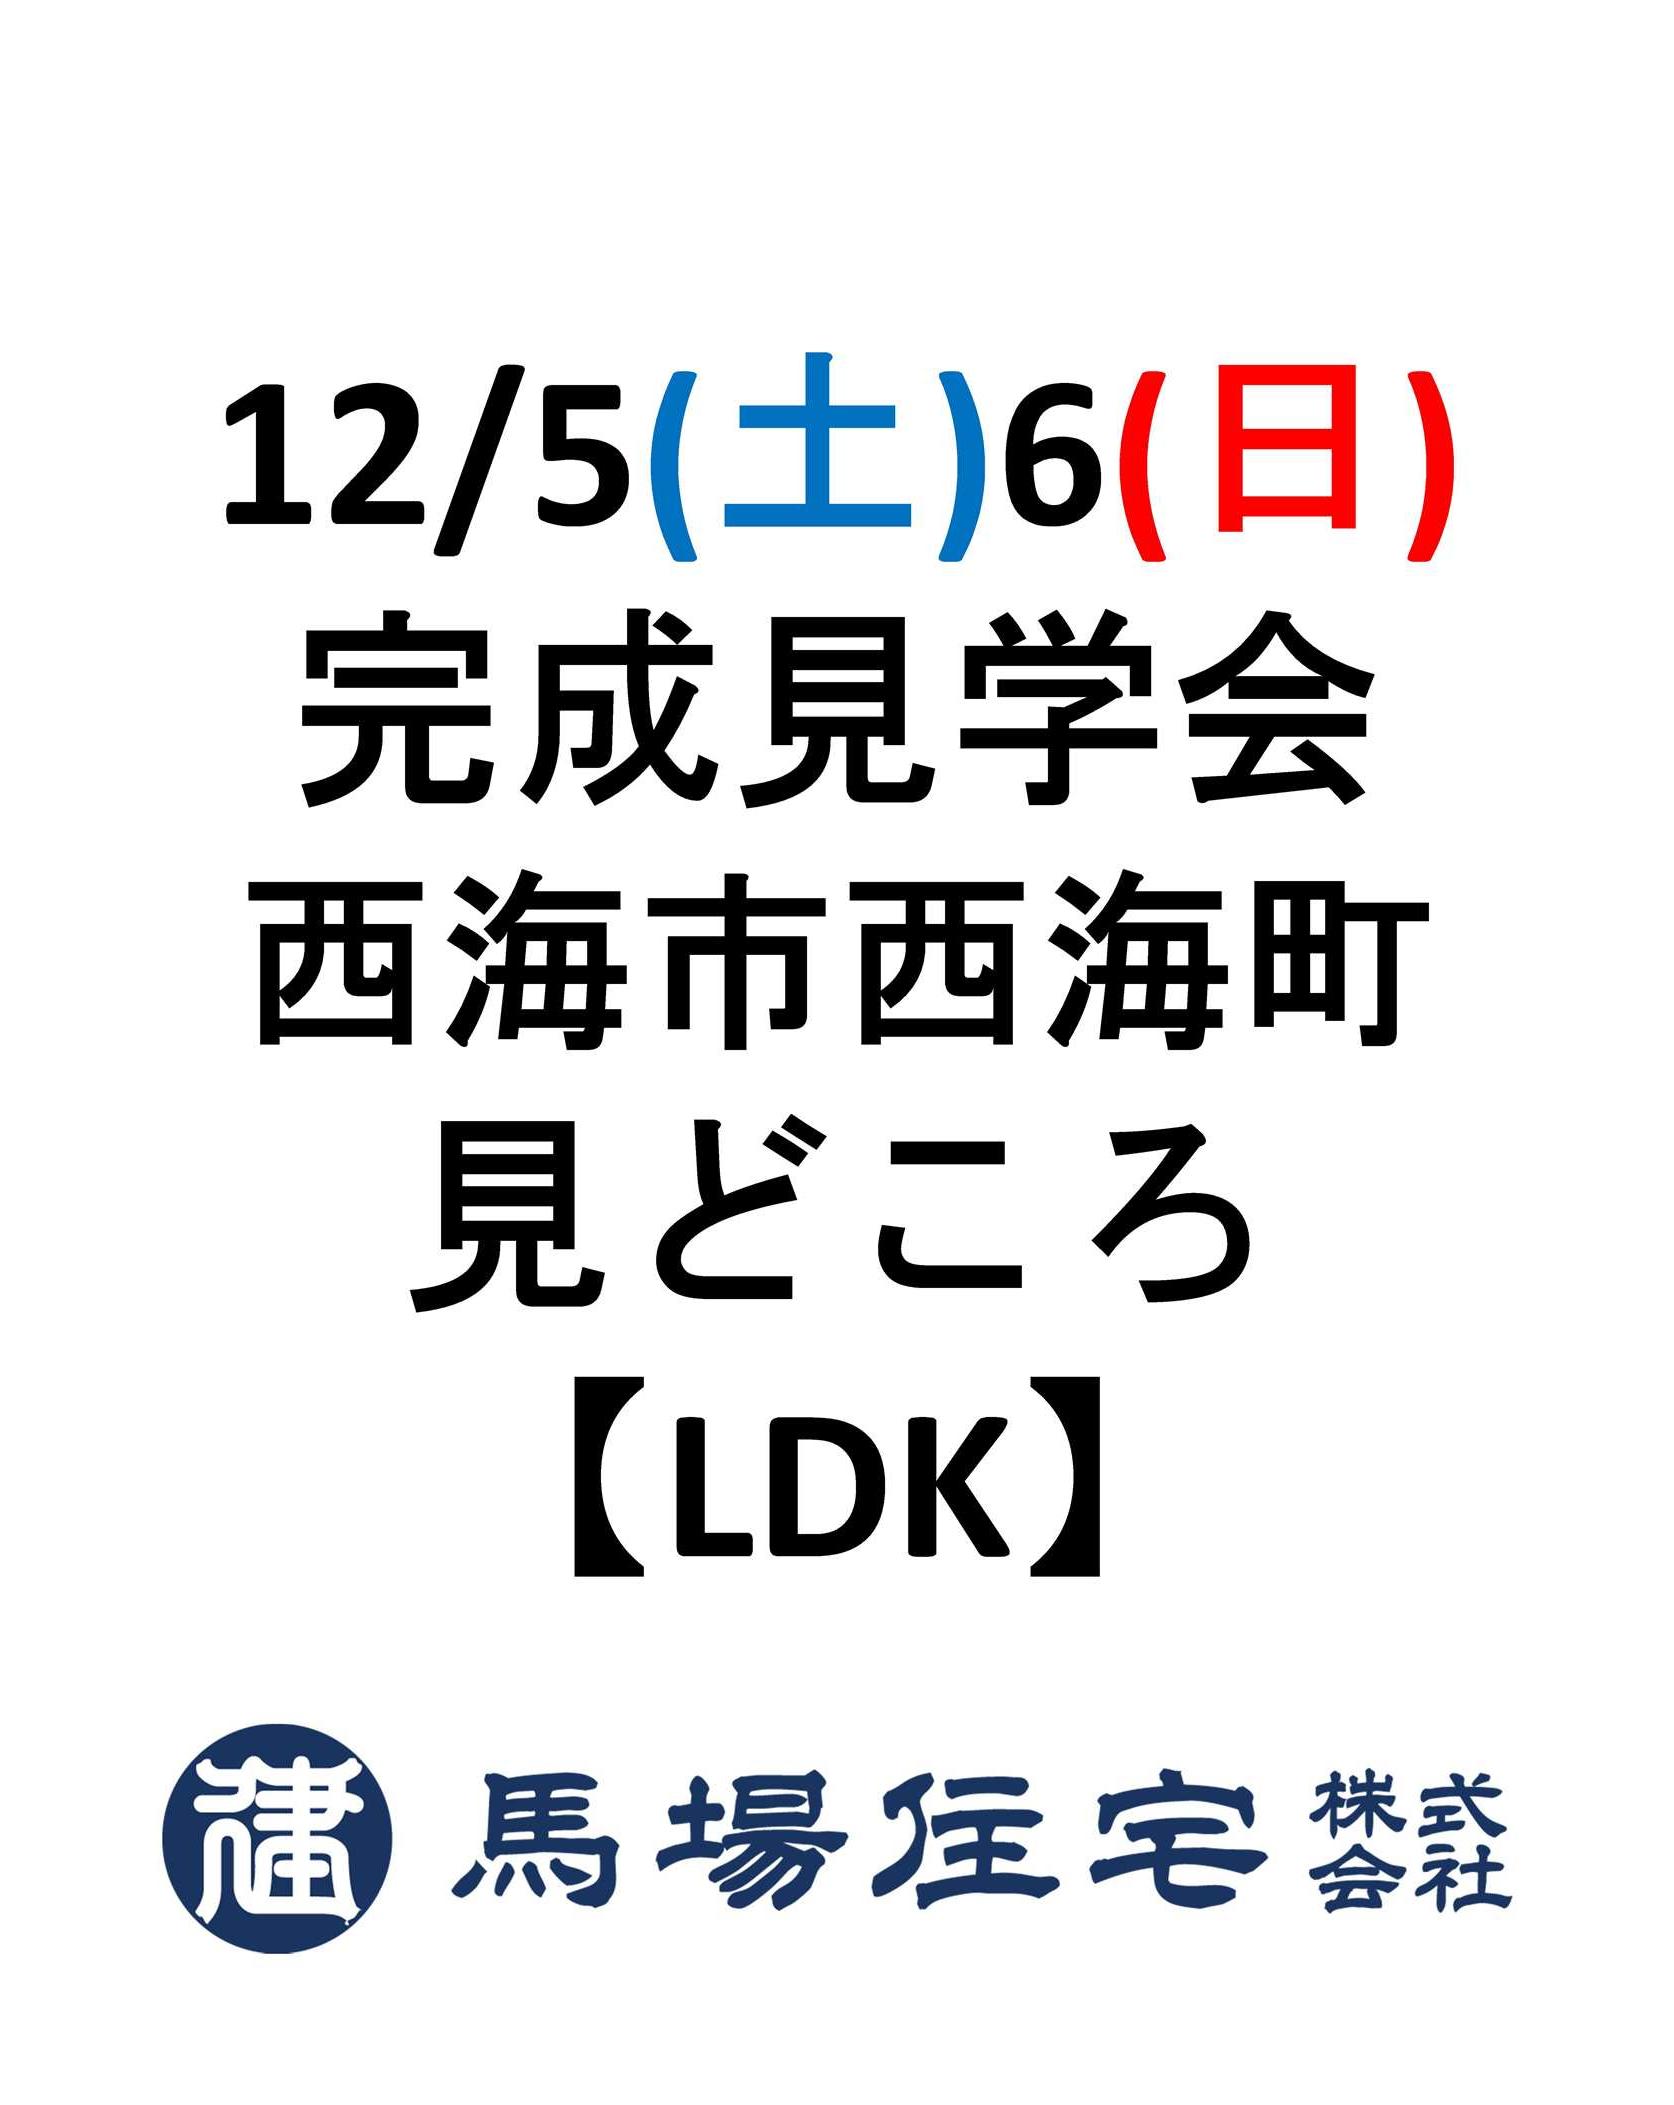 [insta]2020年最後の見学会12/5(土)6(日)西海市西海町ー ー ー ー ー ー ー ー ー ー ー ー ー ー ー【LDK】和室と隣接した配置畳リビングで床座スタイル人数の変化にも対応しやすいプラン馬場住宅株式会社長崎県大村市中里町418-14TEL 0957-54-3324メール info@babajuutaku.com@babajuutaku#babajuutakuホームページ【馬場住宅 】で 検索HPにも施工例あります。私たち#馬場住宅 は#長崎県 #大村市 の#工務店 です。施工エリアは長崎県内全域にて#新築 #注文住宅 #一戸建て を中心に建ててます。みなさんの夢の#マイホーム を造っている会社です。最近では#リノベーション #リフォーム#古民家再生 #二世帯住宅 #平屋 の依頼を多く頂いています。馬場住宅が建てる家#社員大工 が造る3つのスタイルで建てています。#和洋折衷#優しい家 #安らぐ家#現代和風#現し #無骨 #板張り #無垢#純和風#和室 #床の間 #磨き丸太#zeh #長期優良住宅=================馬場住宅の家づくり小さな工務店ですが、大工20名は全員社員として在籍技術には定評があり木の家専門の大工工務店として地元に根強い会社です。性能と自然素材で安心安全と信頼の住まいをつくります。資料請求はインスタ又はHP内の「お問合せ」からどうぞ@babajuutakuホームページは【馬場住宅 】で 検索#リビング照明がかわいい